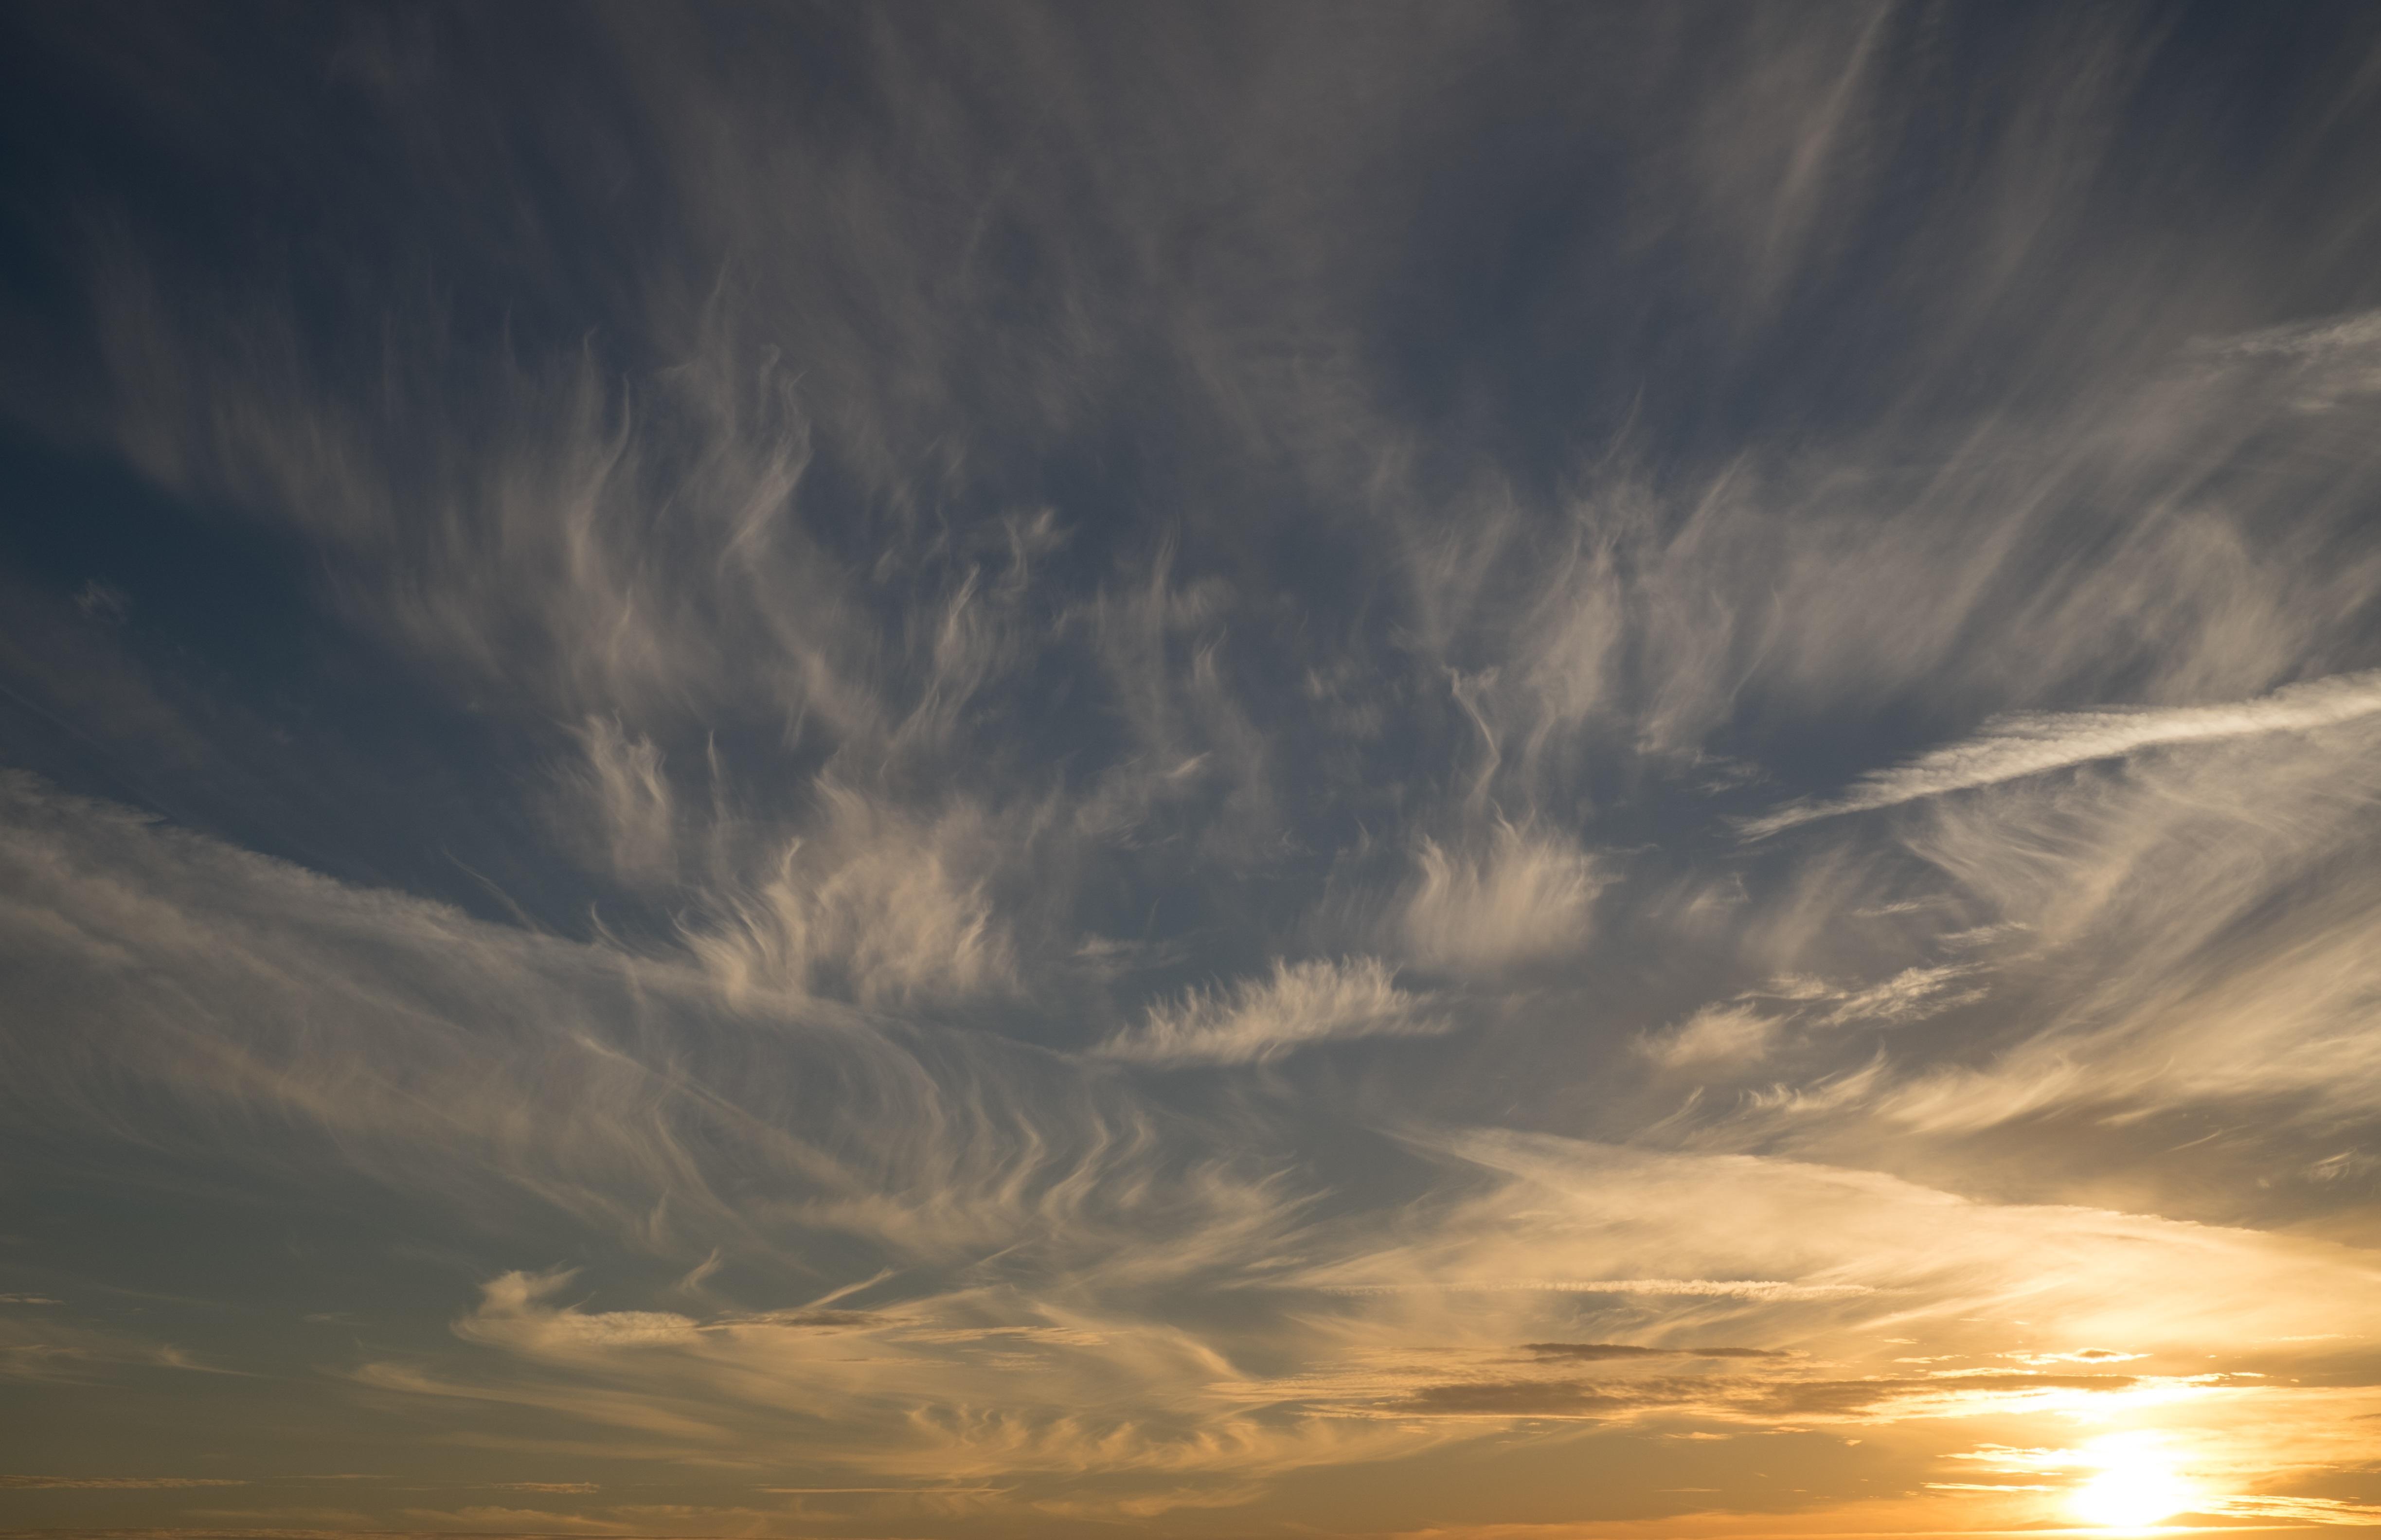 Картинка определение сторон горизонта по солнцу как предыдущем